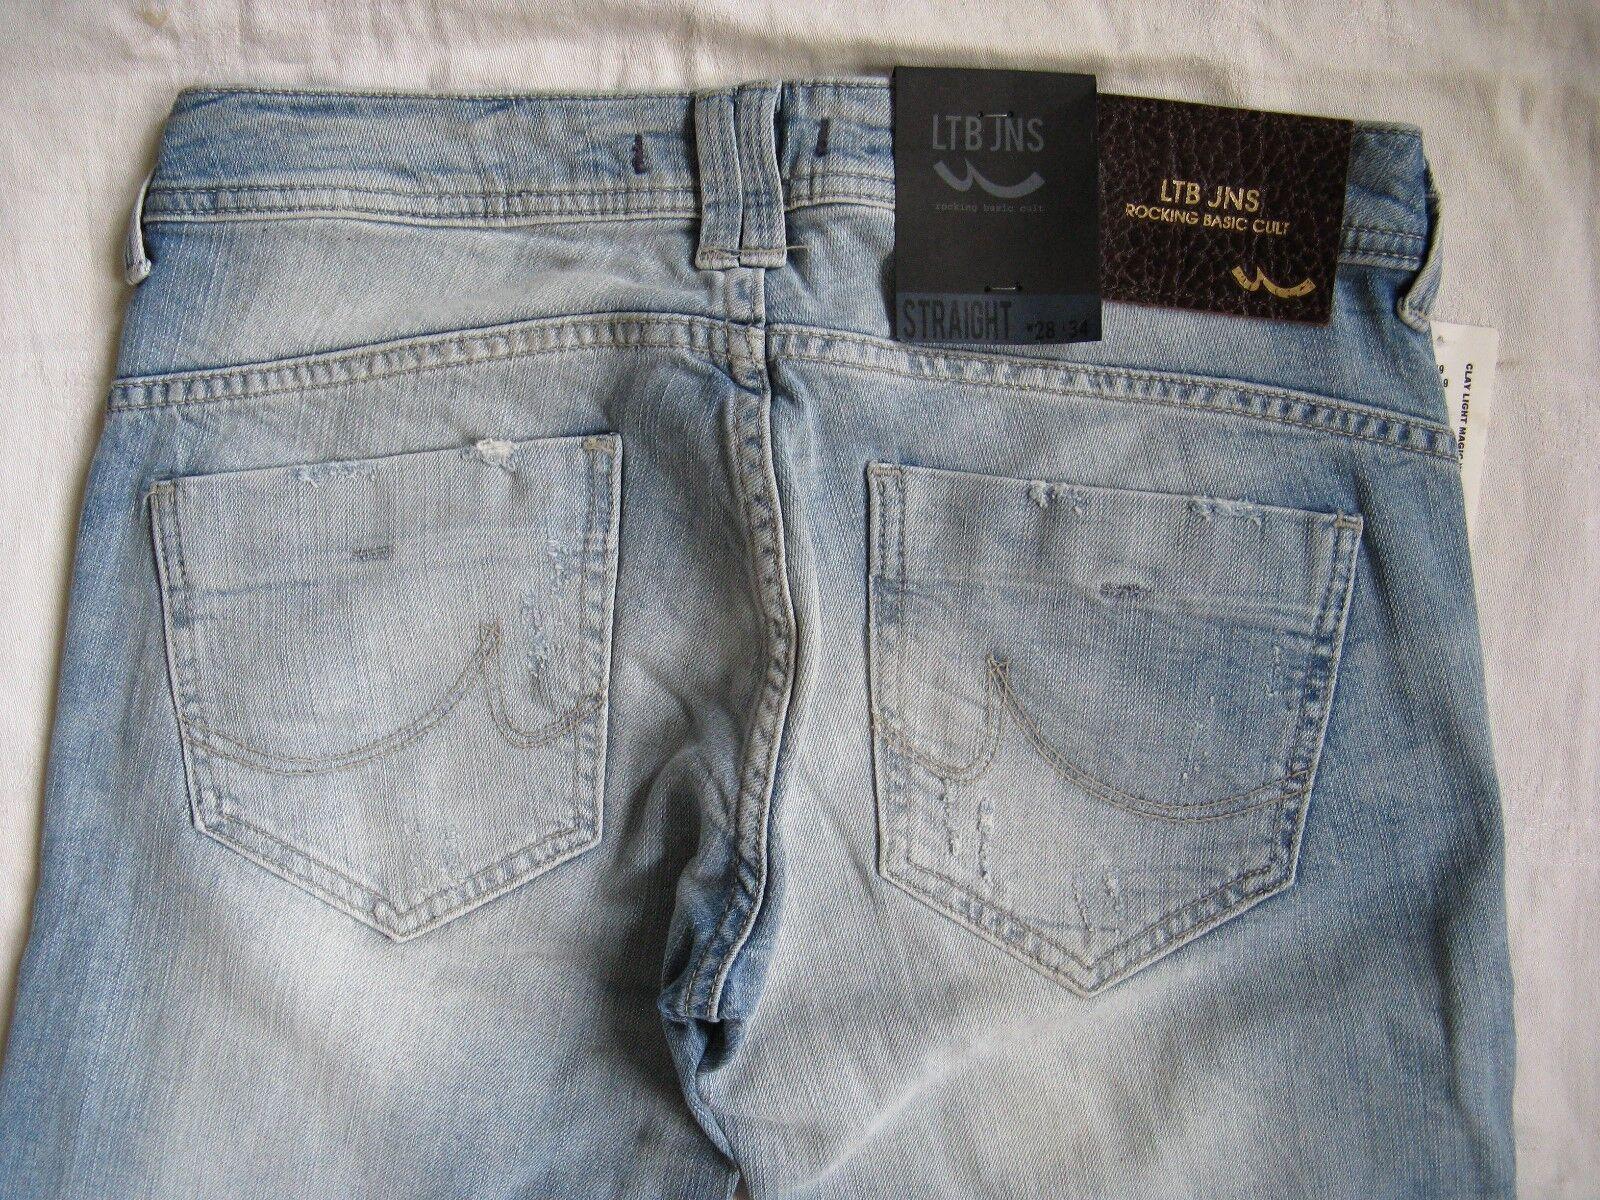 LTB CLAY donna blu blu blu jeans w28 l34 STRETCH X-LOW WAIST Regular Fit Straight Leg bafc32